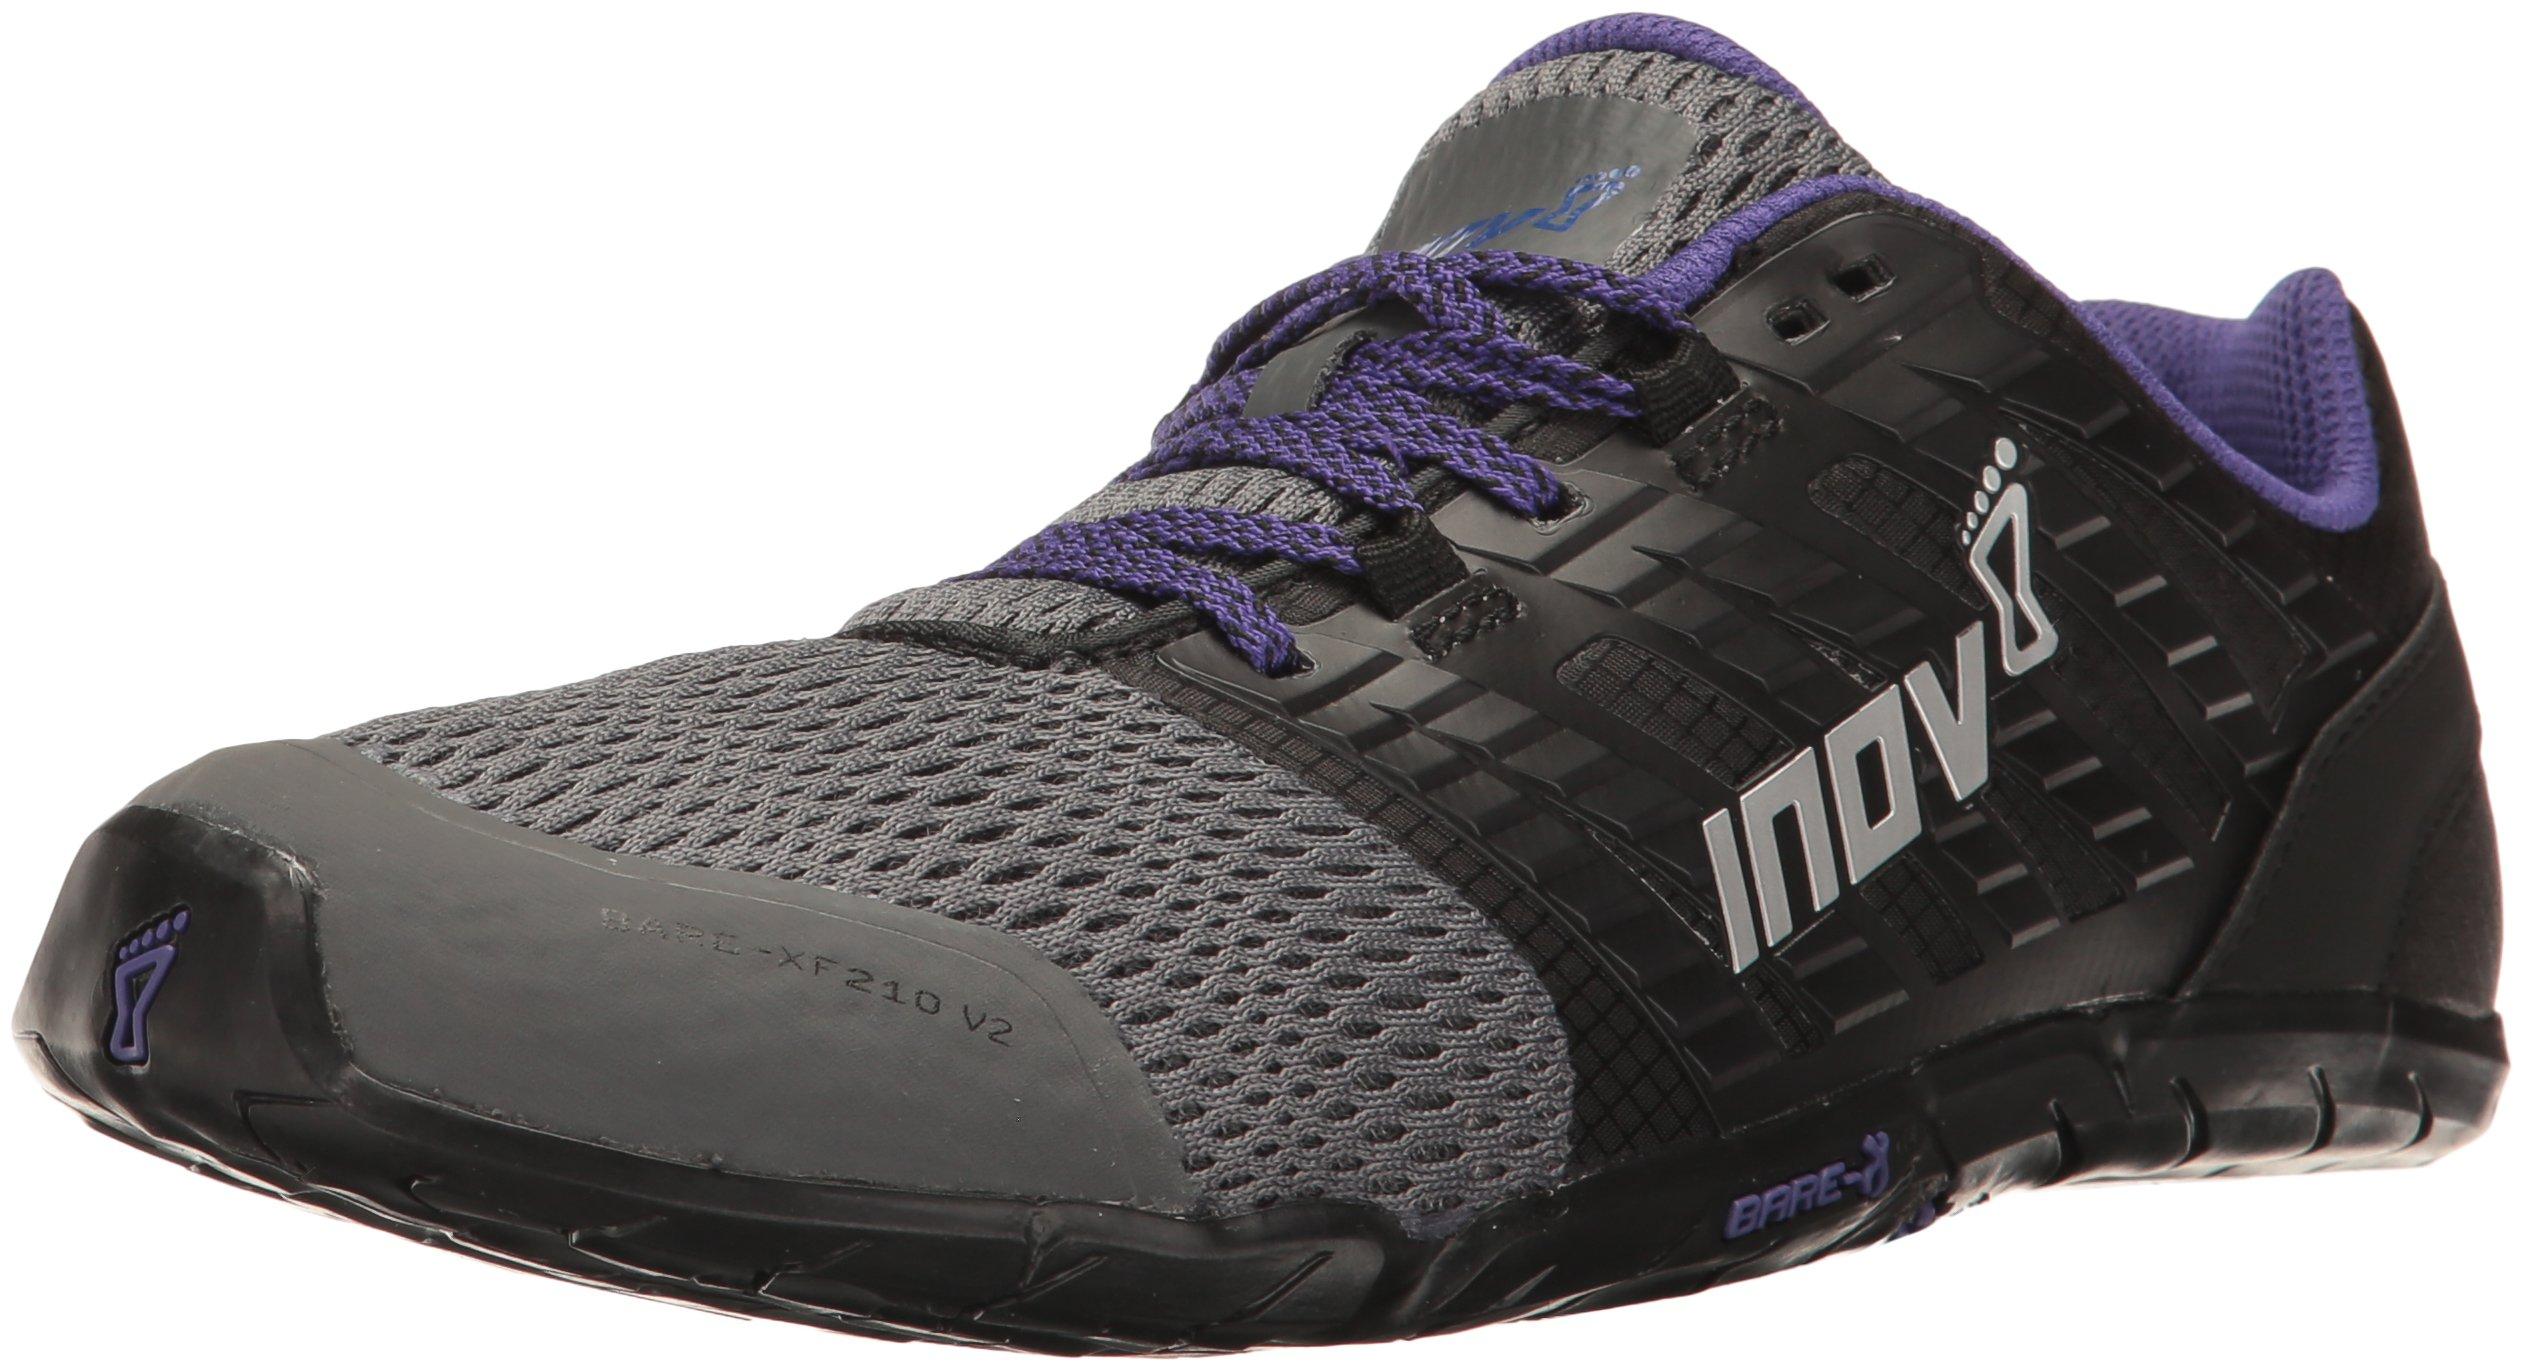 inov-8 Women's Bare-XF 210 v2 (W) Cross-Trainer-Shoes, Grey/Black/Purple, 6.5 B US